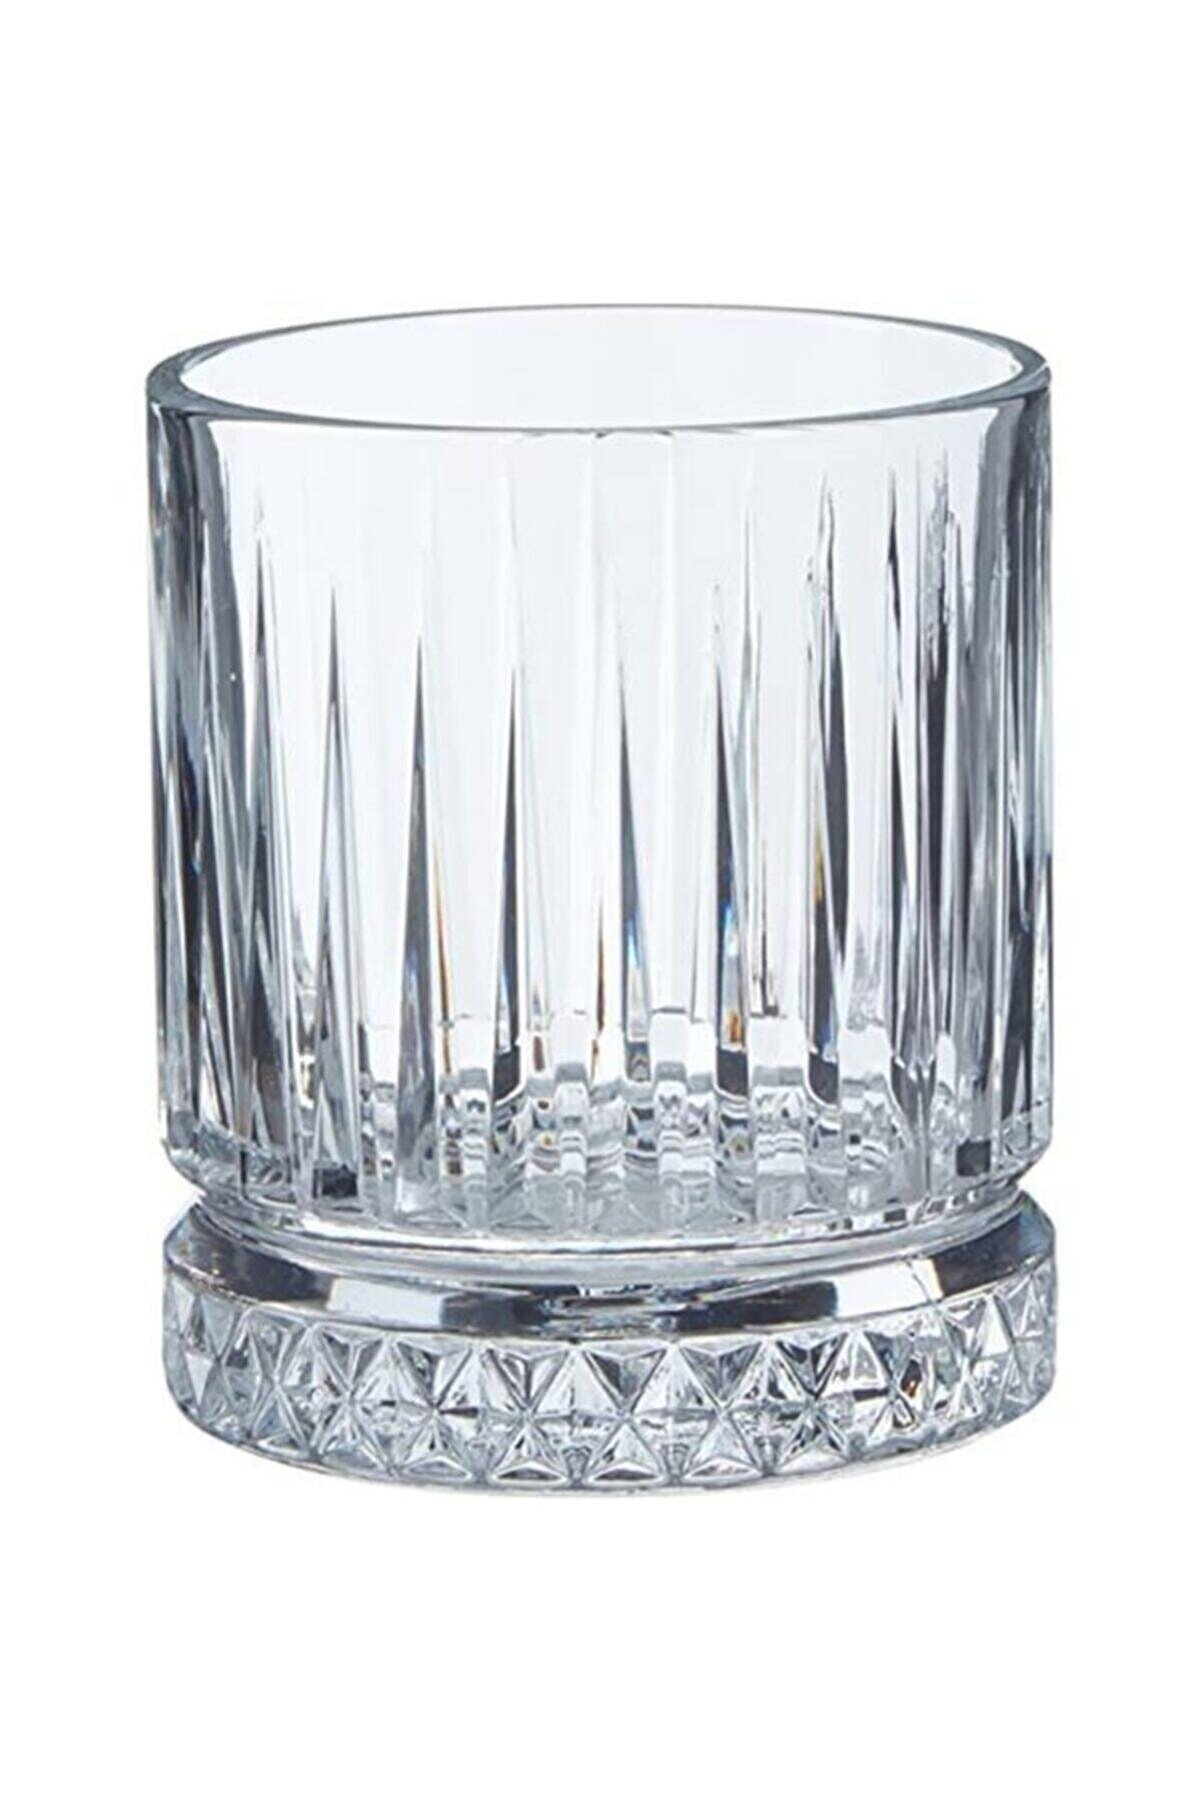 PAŞABAHÇE CAM Paşabahçe Elysia 6'lı Viski Bardağı